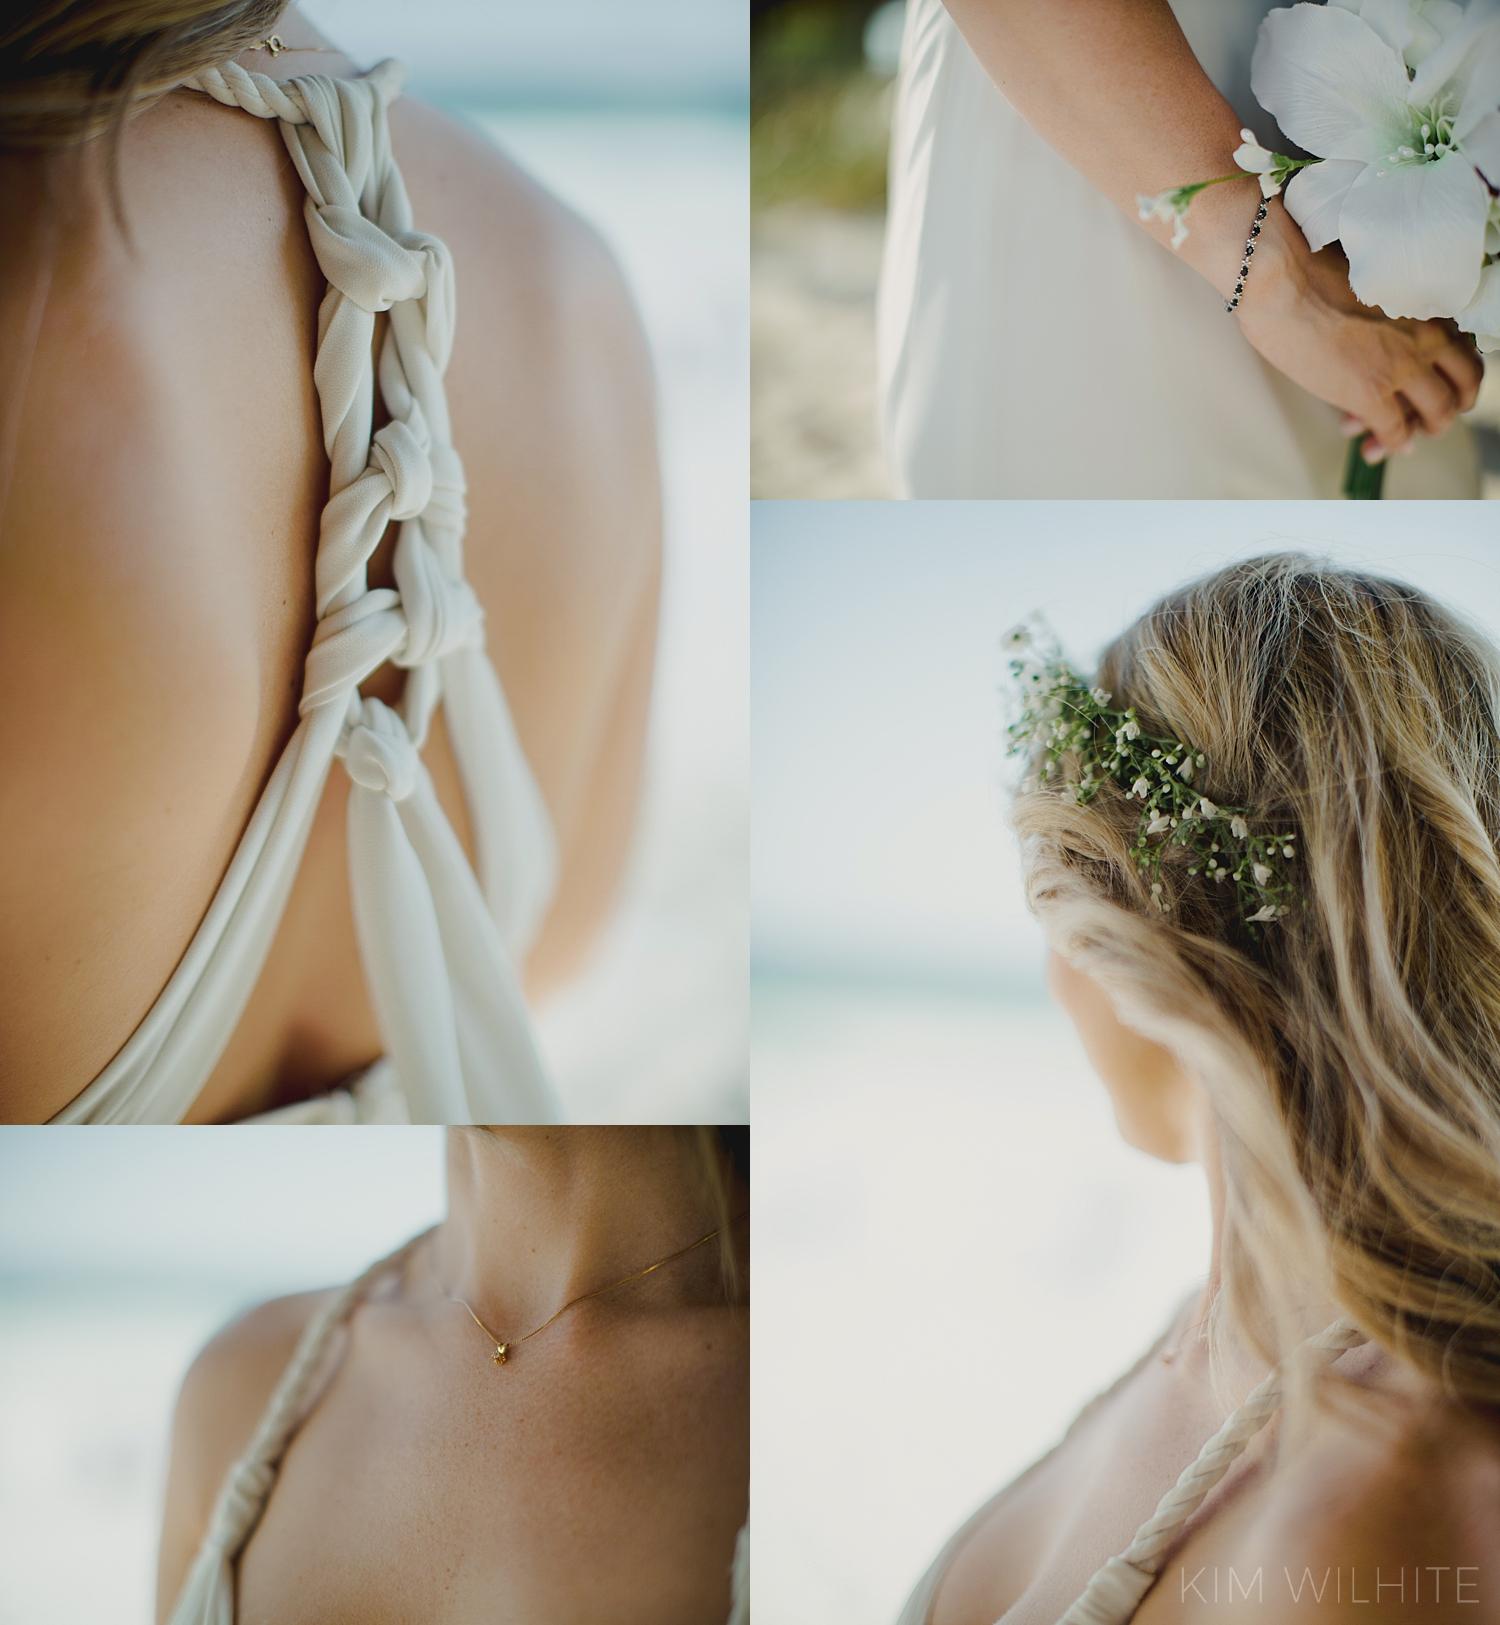 Beach Wedding Dress Details